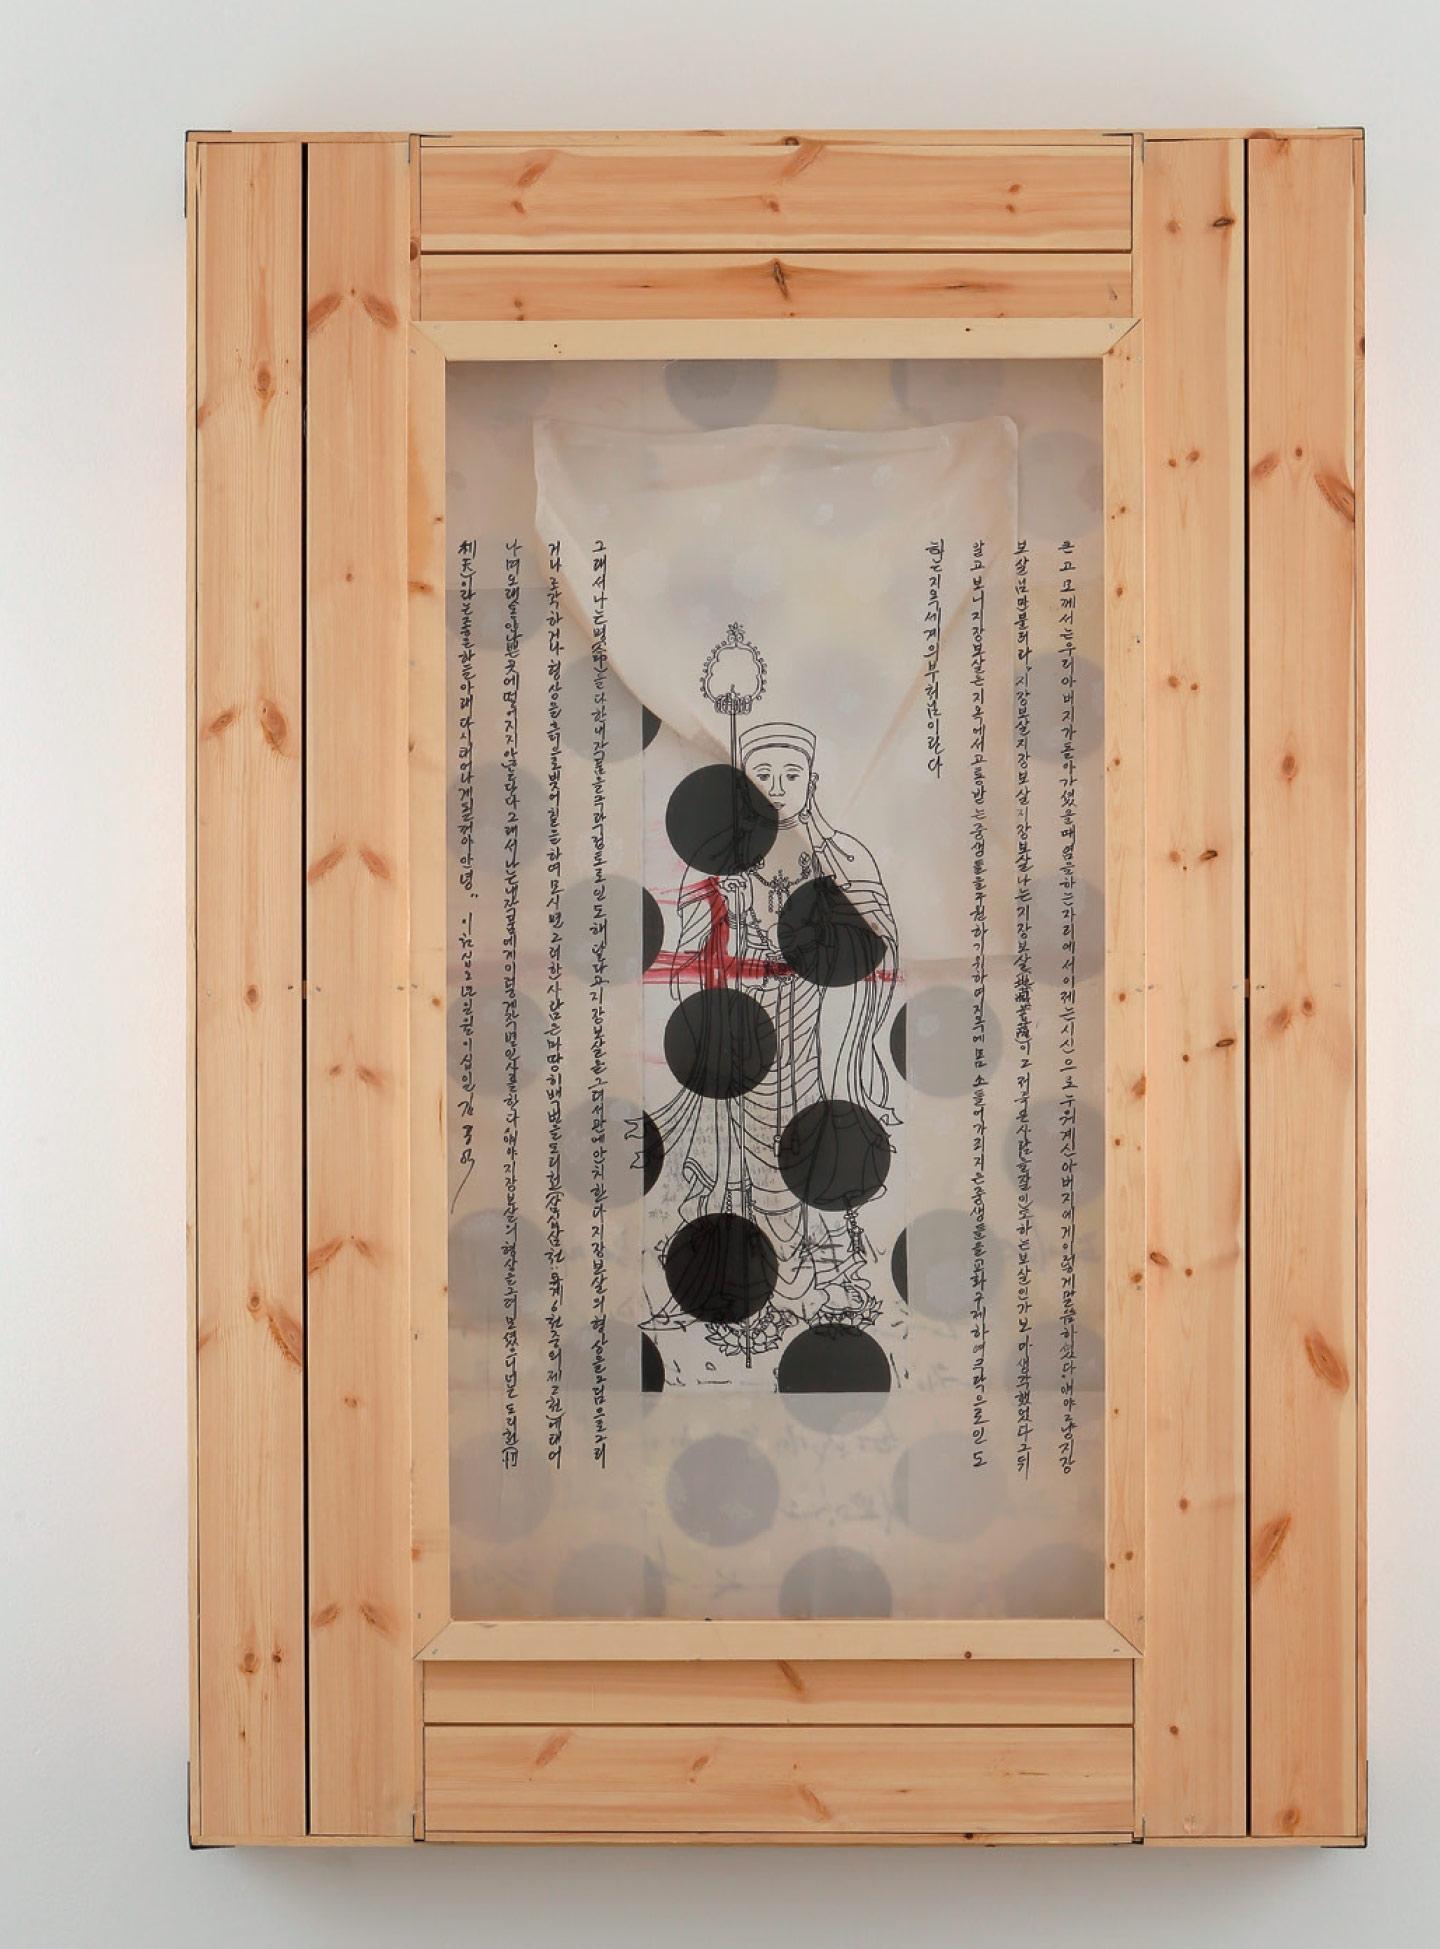 '지장보살-1', 캔버스에 아크릴, 실크, 나무, 아세테이트에 잉크, 197×134×17cm, 2015